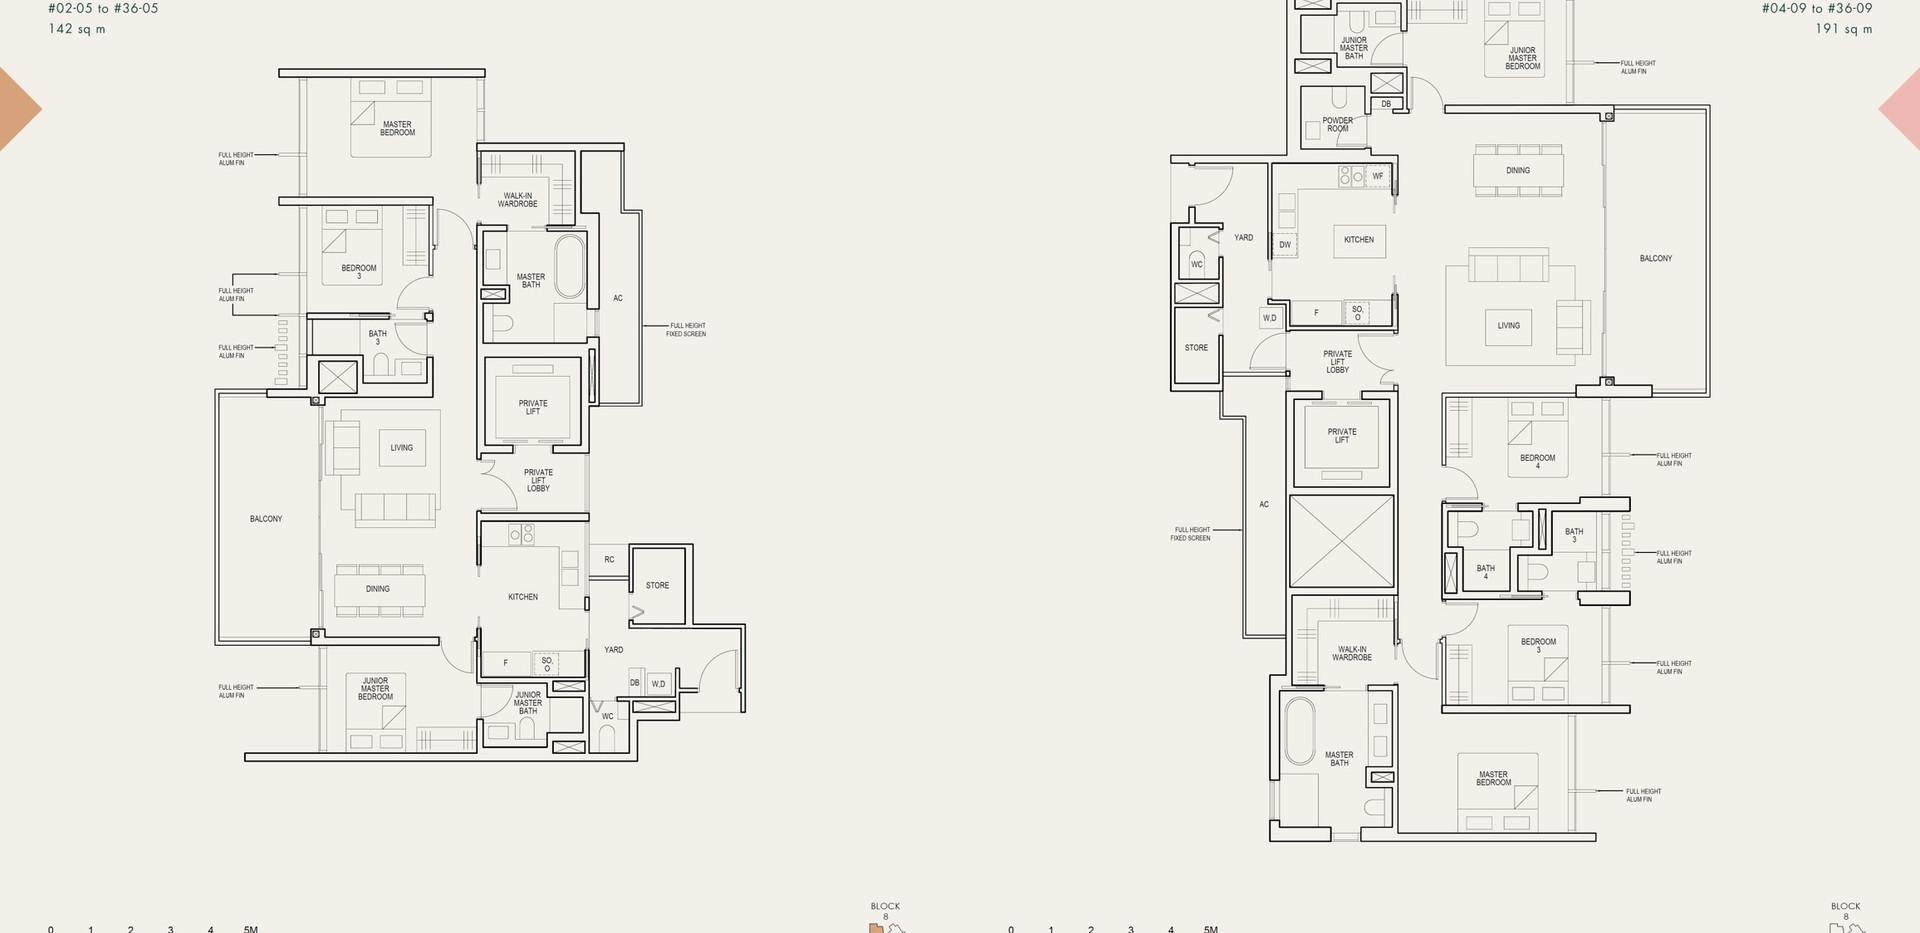 Floor Plan - Pg 4.jpg